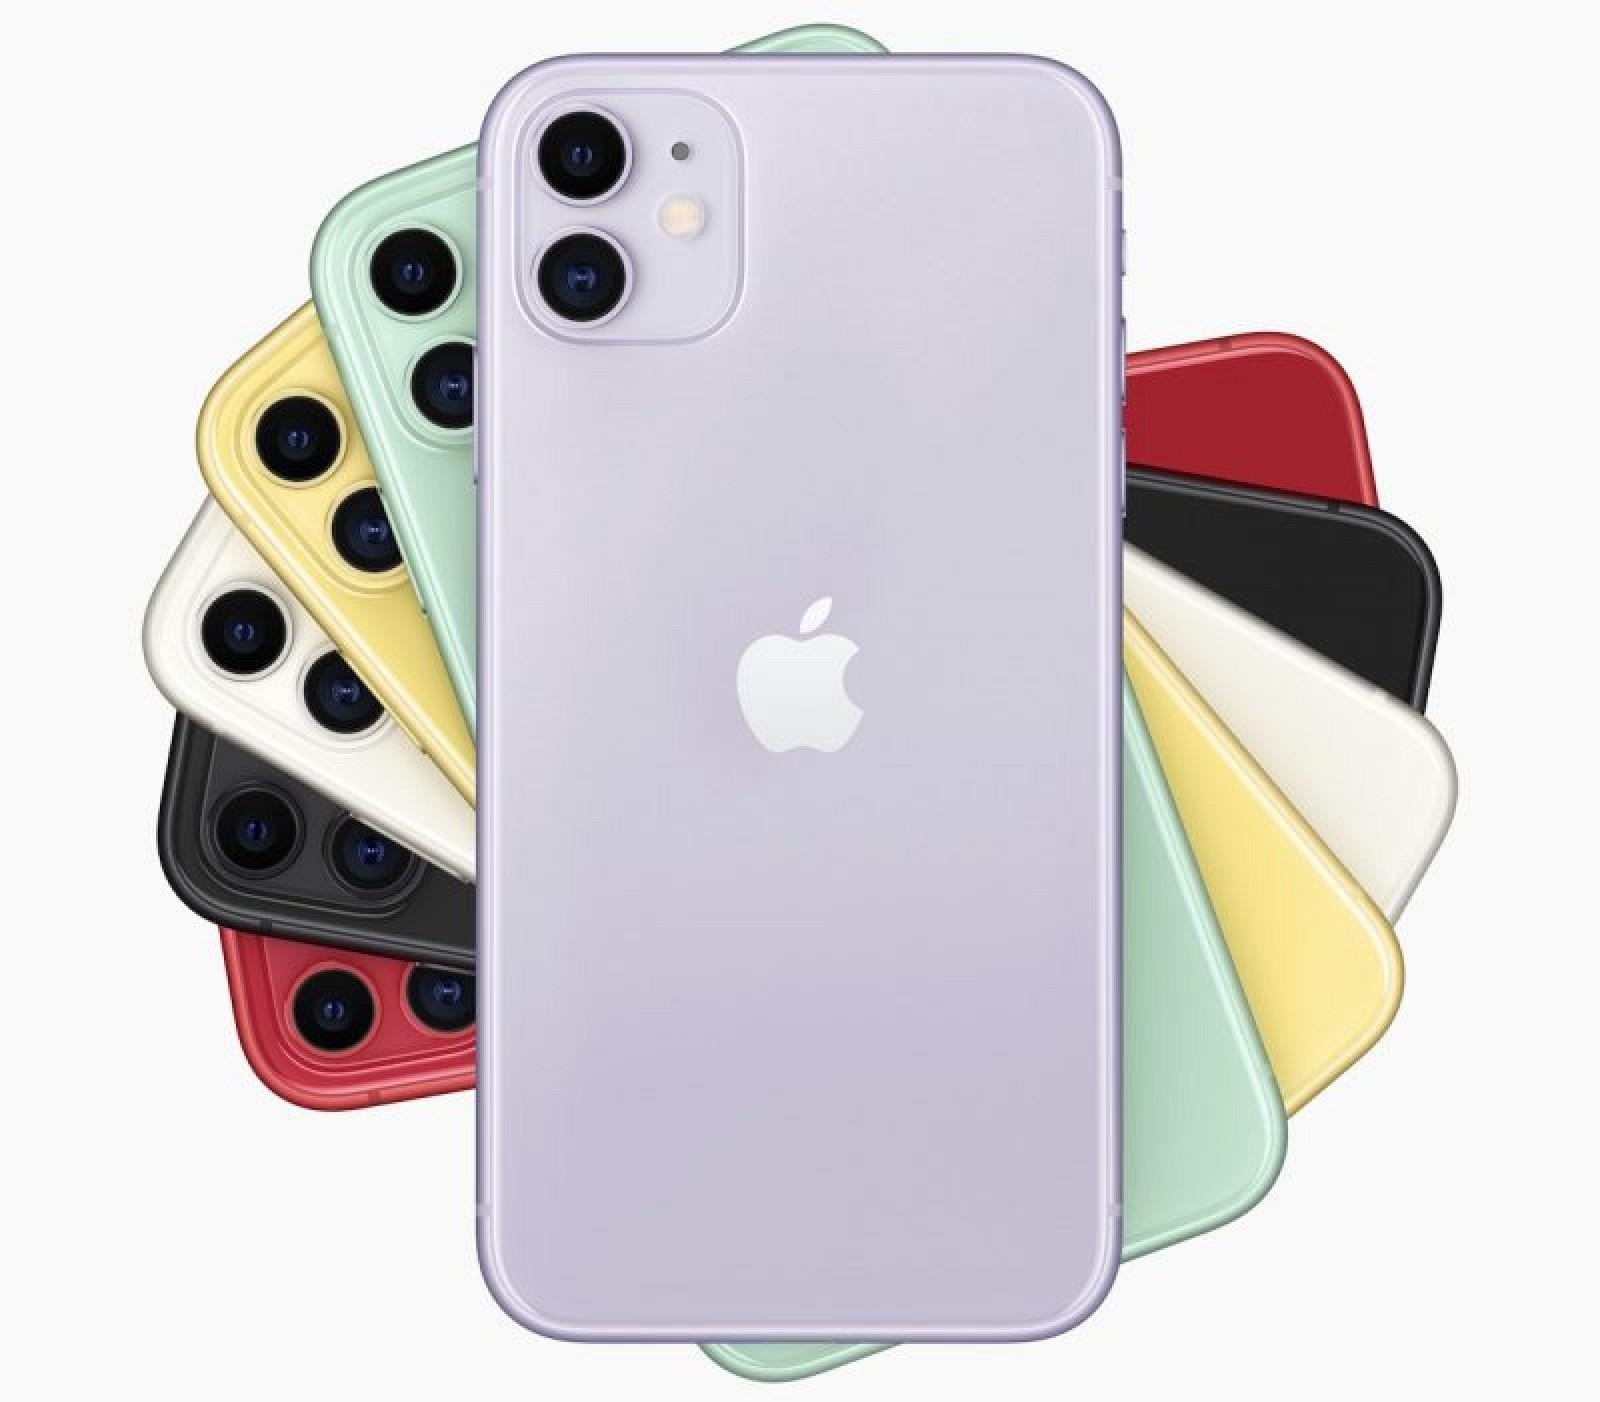 ეფმლა ახალი iPhone 11 წარადგინა